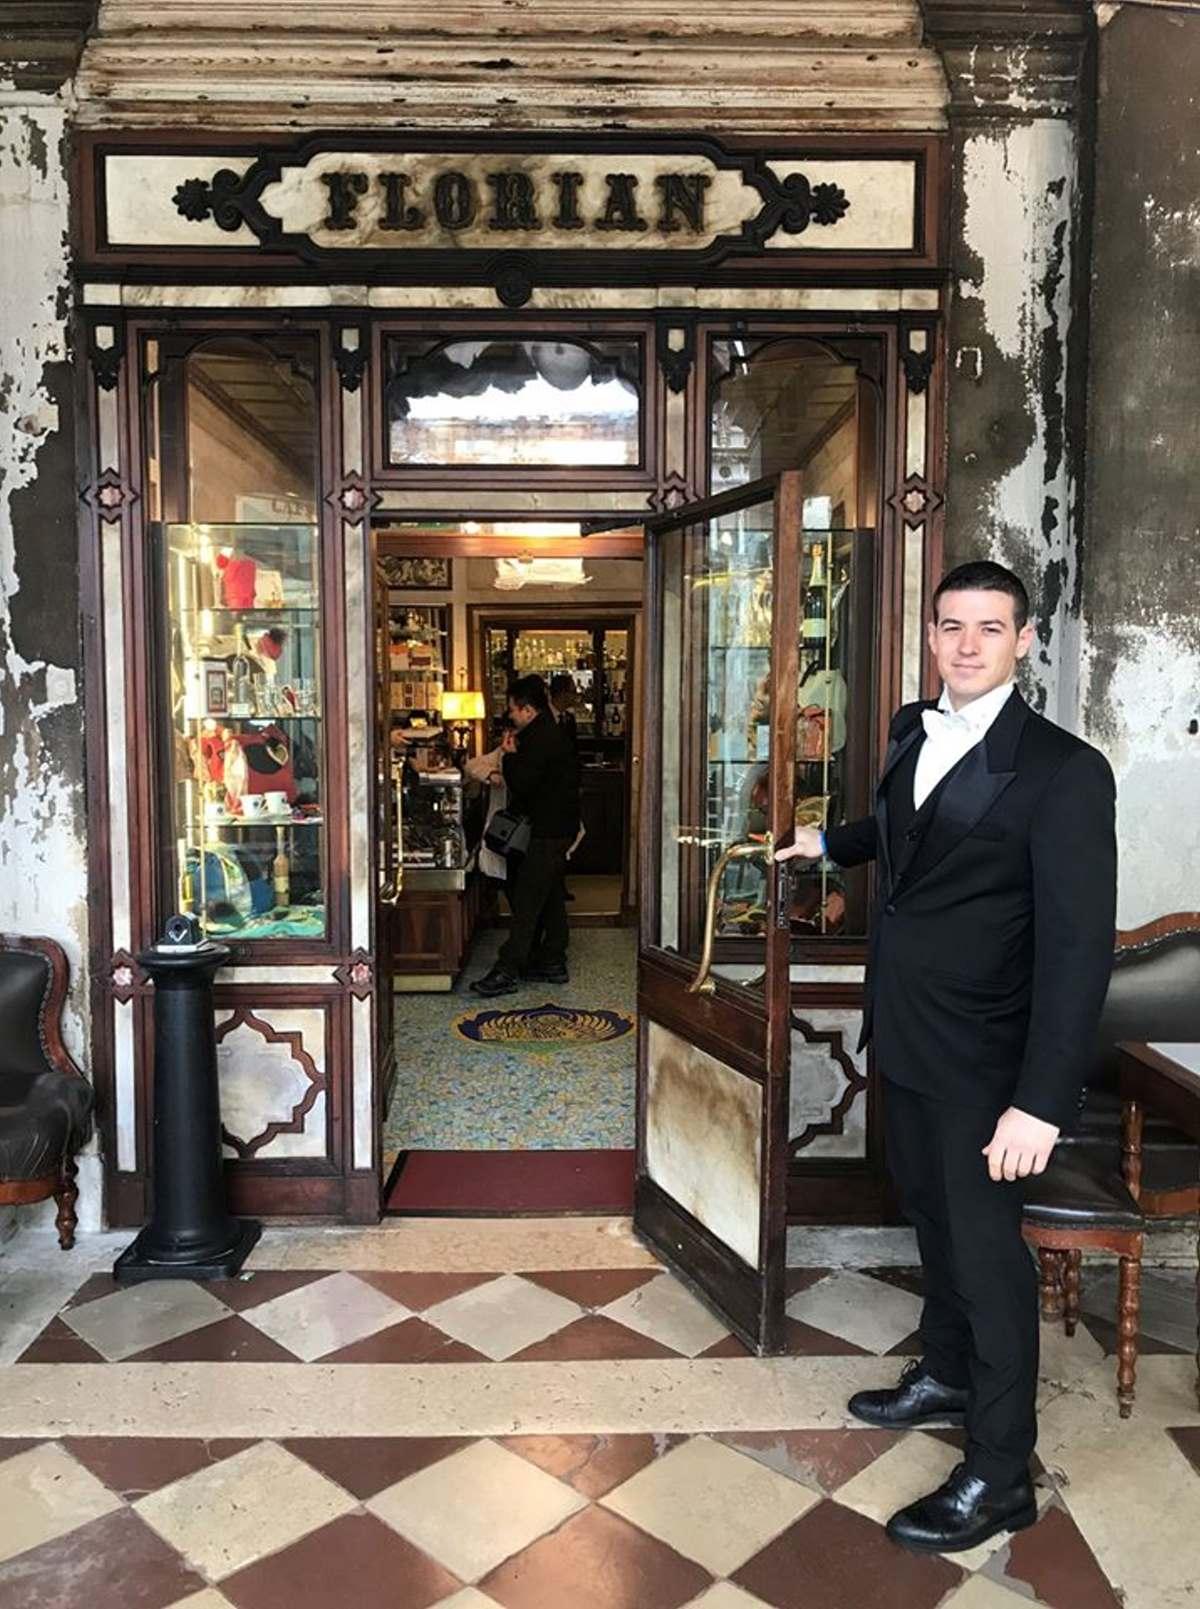 Florian, Πλατεία Αγίου Μάρκου απέναντι από τη Βασιλική του Αγίου Μάρκου στη Βενετία, το πιο παλιό καφέ της Ιταλίας